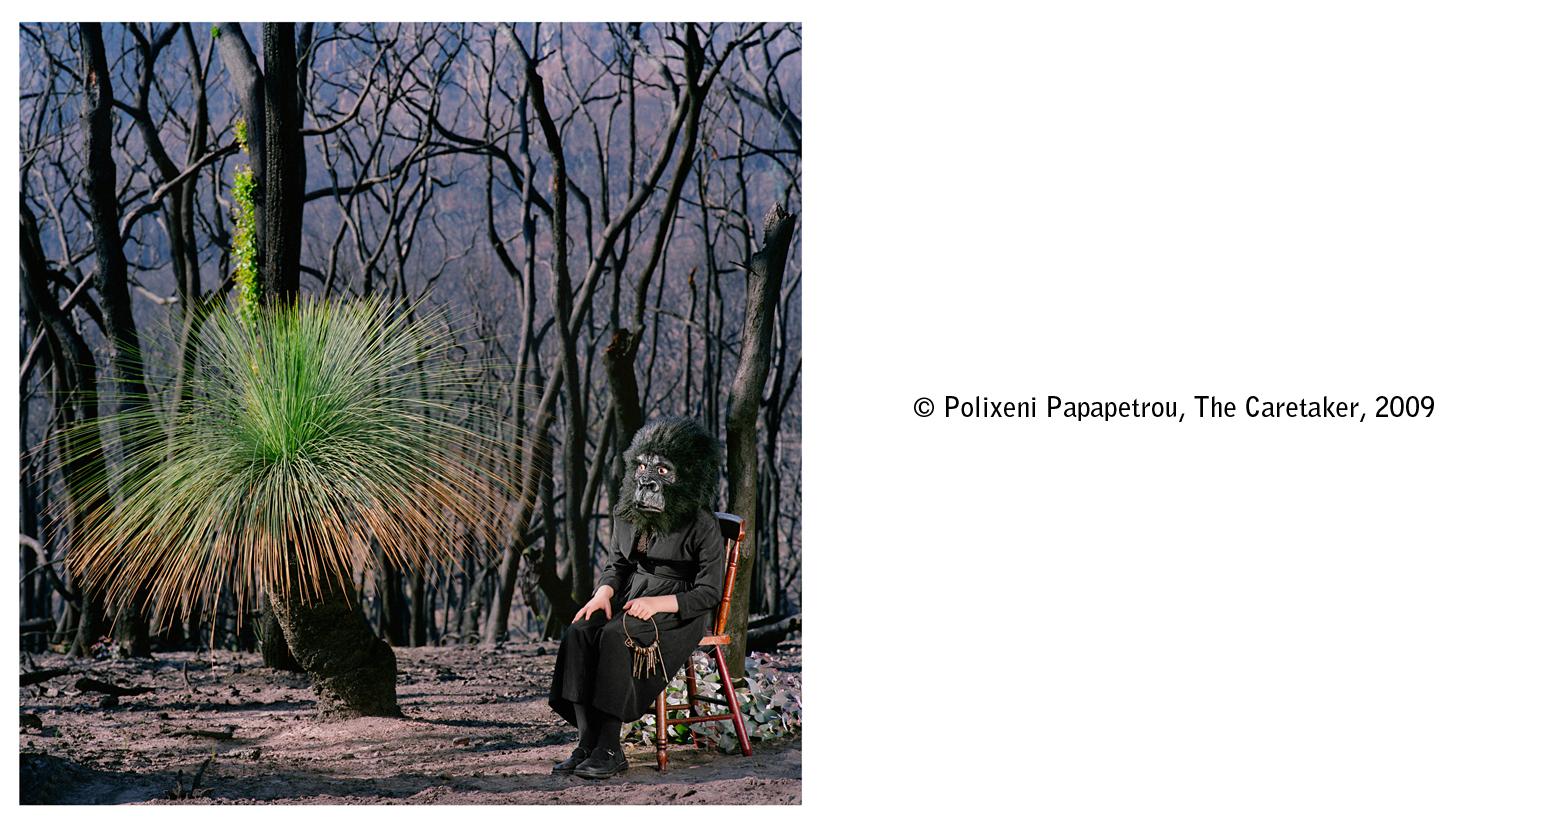 Polixeni-Papapetrou-01.jpg